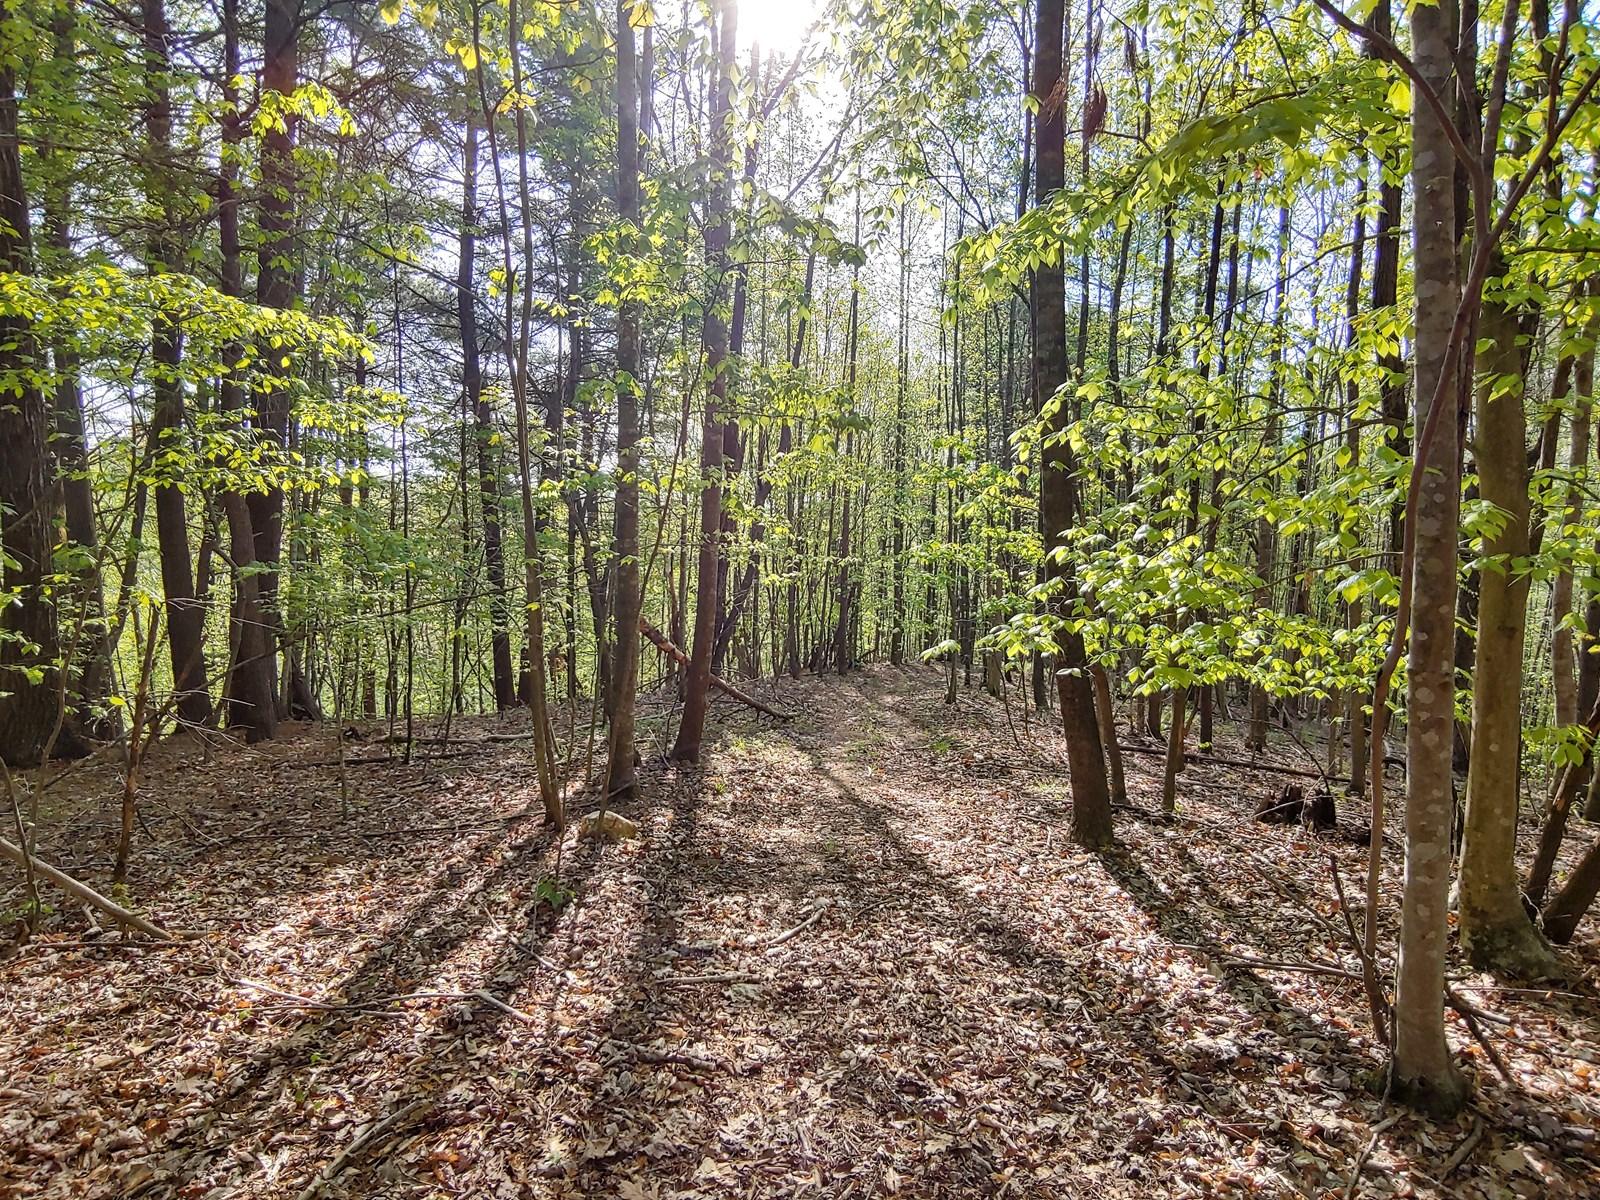 Land for Sale in Ferrum VA